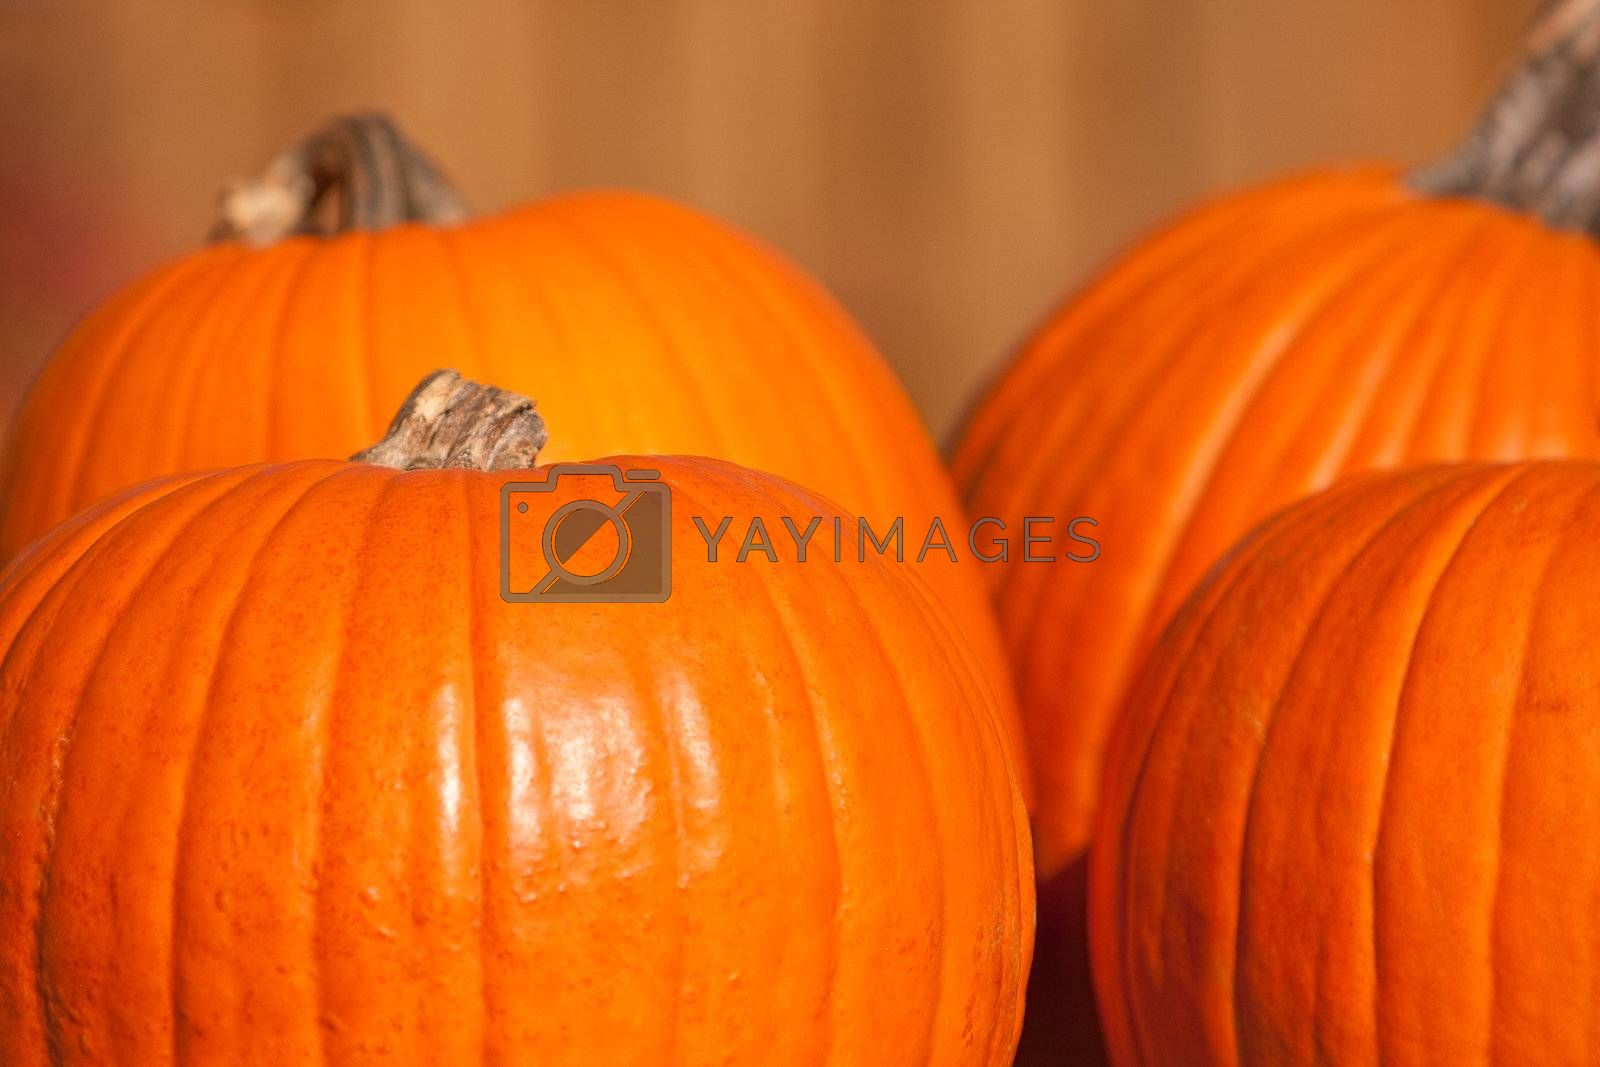 Royalty free image of Four large orange pumpkins by svanblar